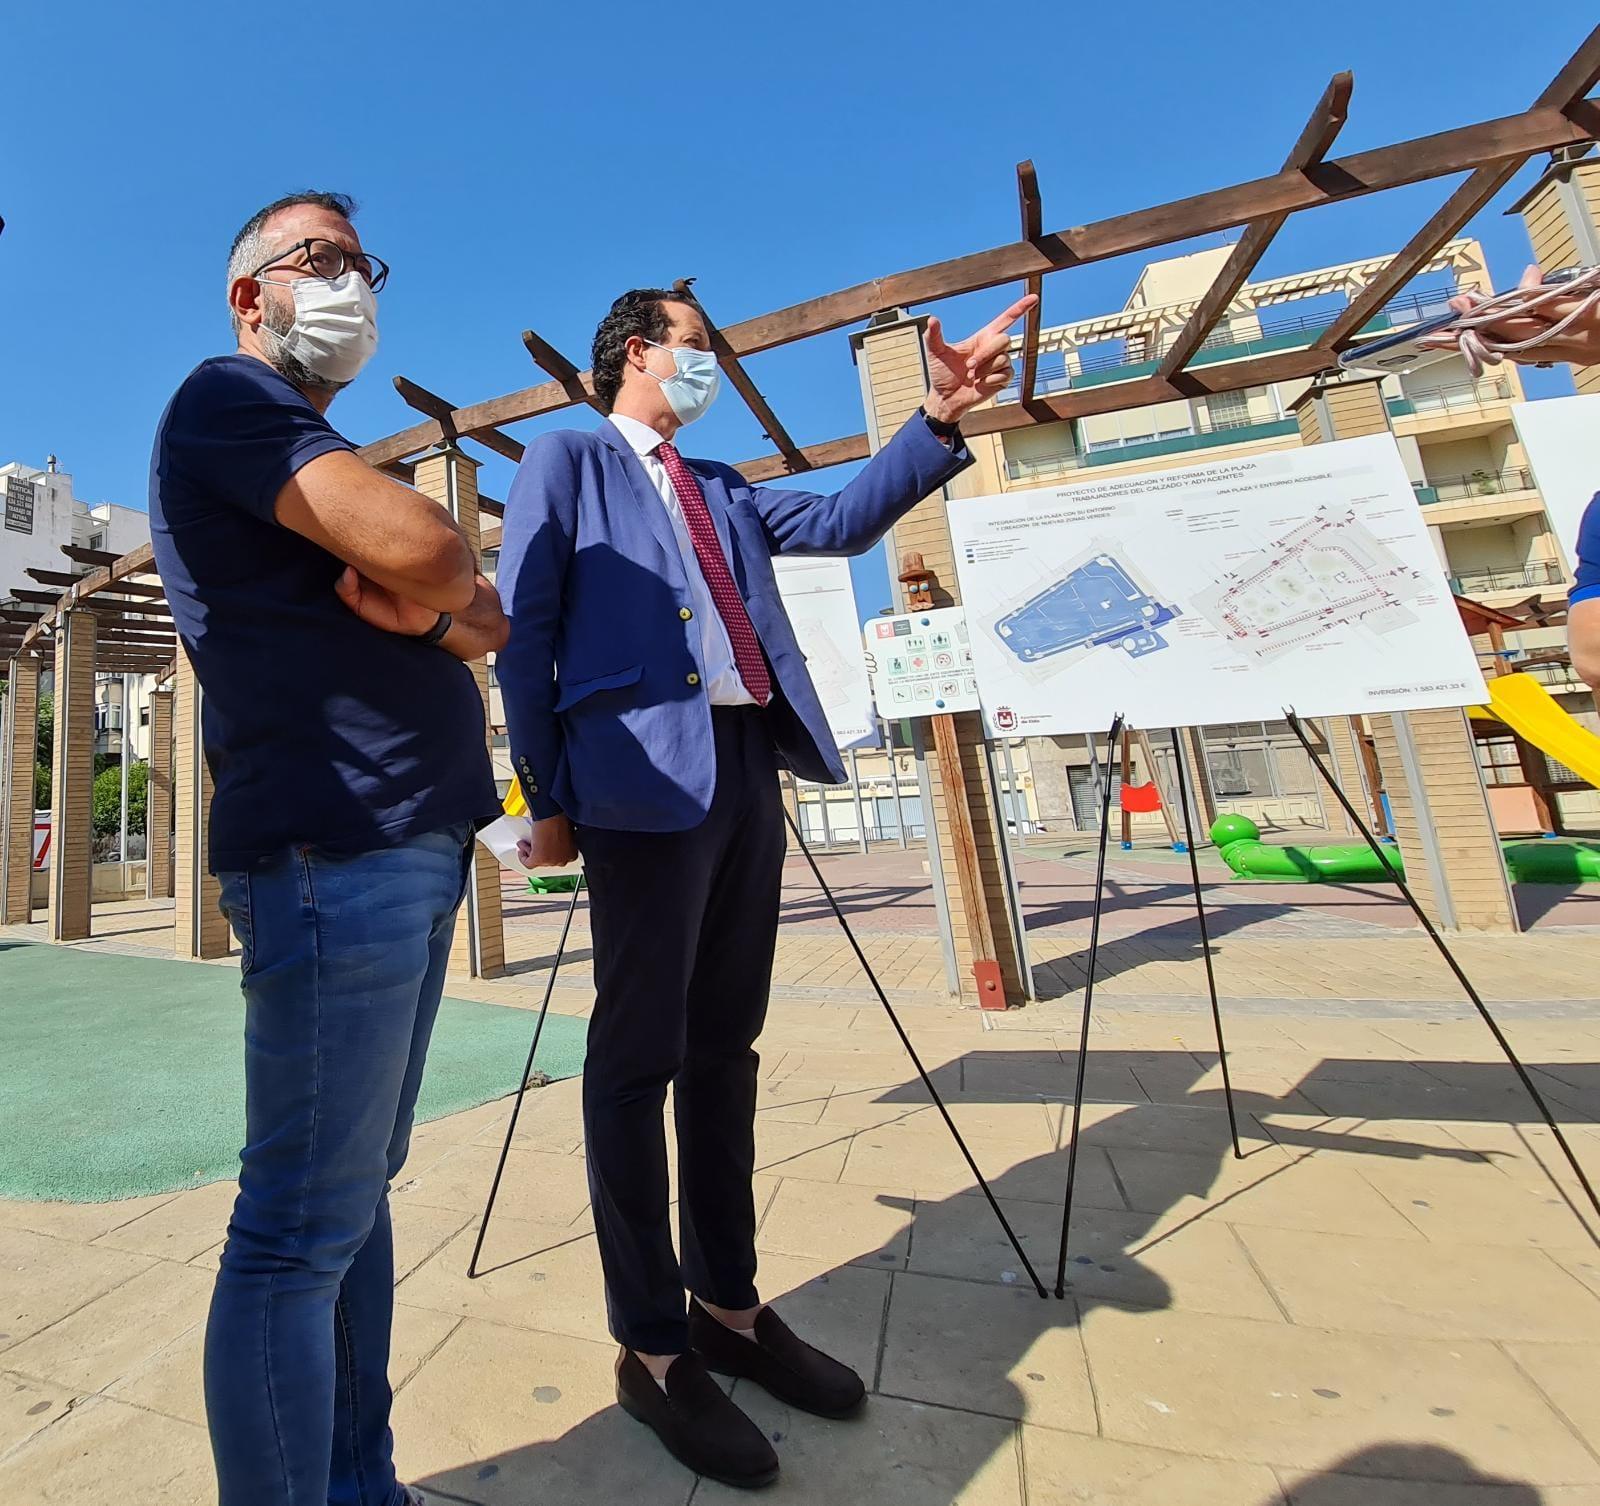 El Ayuntamiento de Elda acometerá la reforma de la Plaza del Zapatero para transformarlo en un espacio público accesible y con zonas verdes